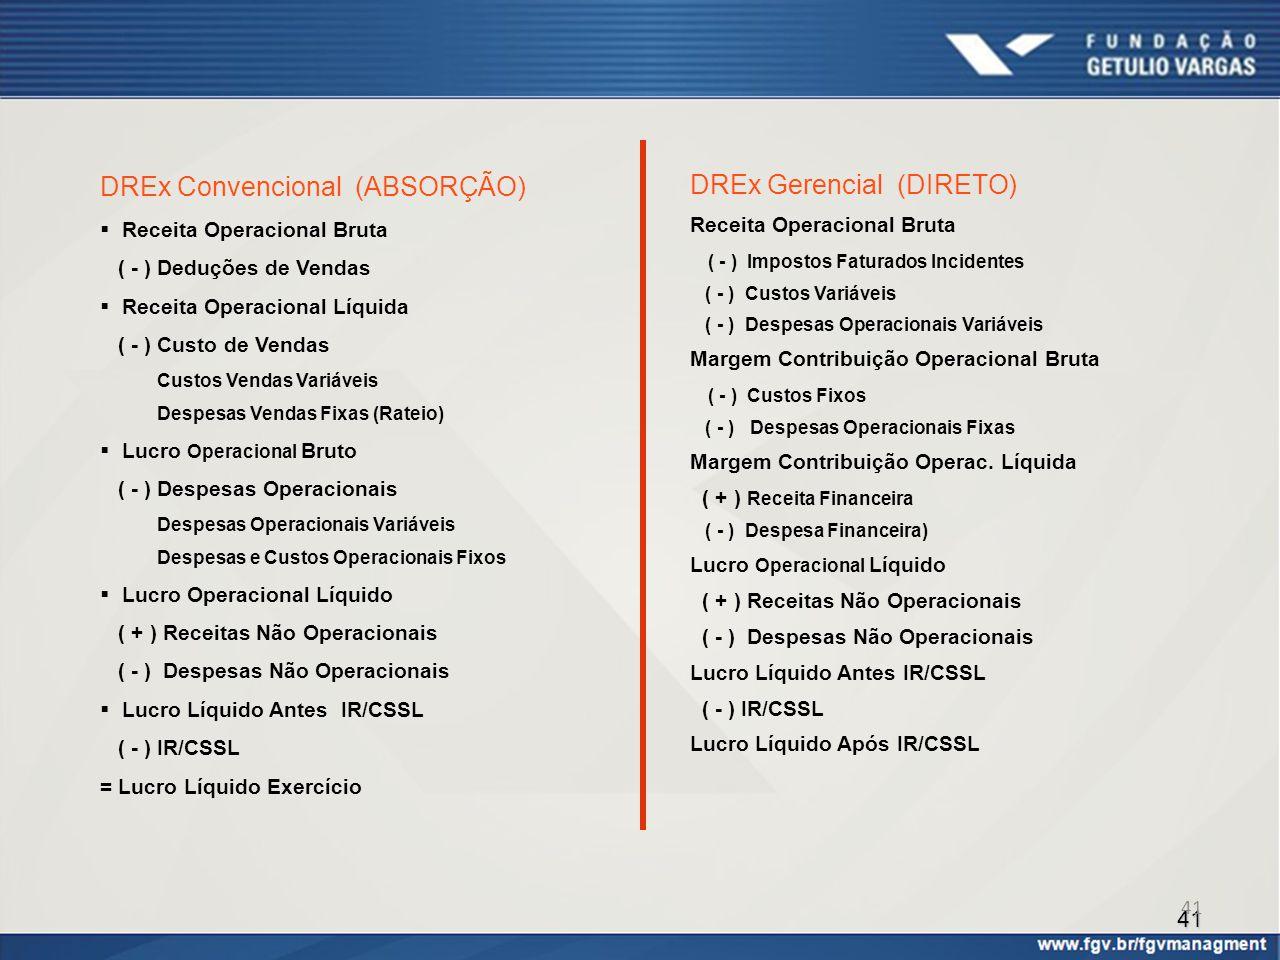 DREx Convencional (ABSORÇÃO) DREx Gerencial (DIRETO)